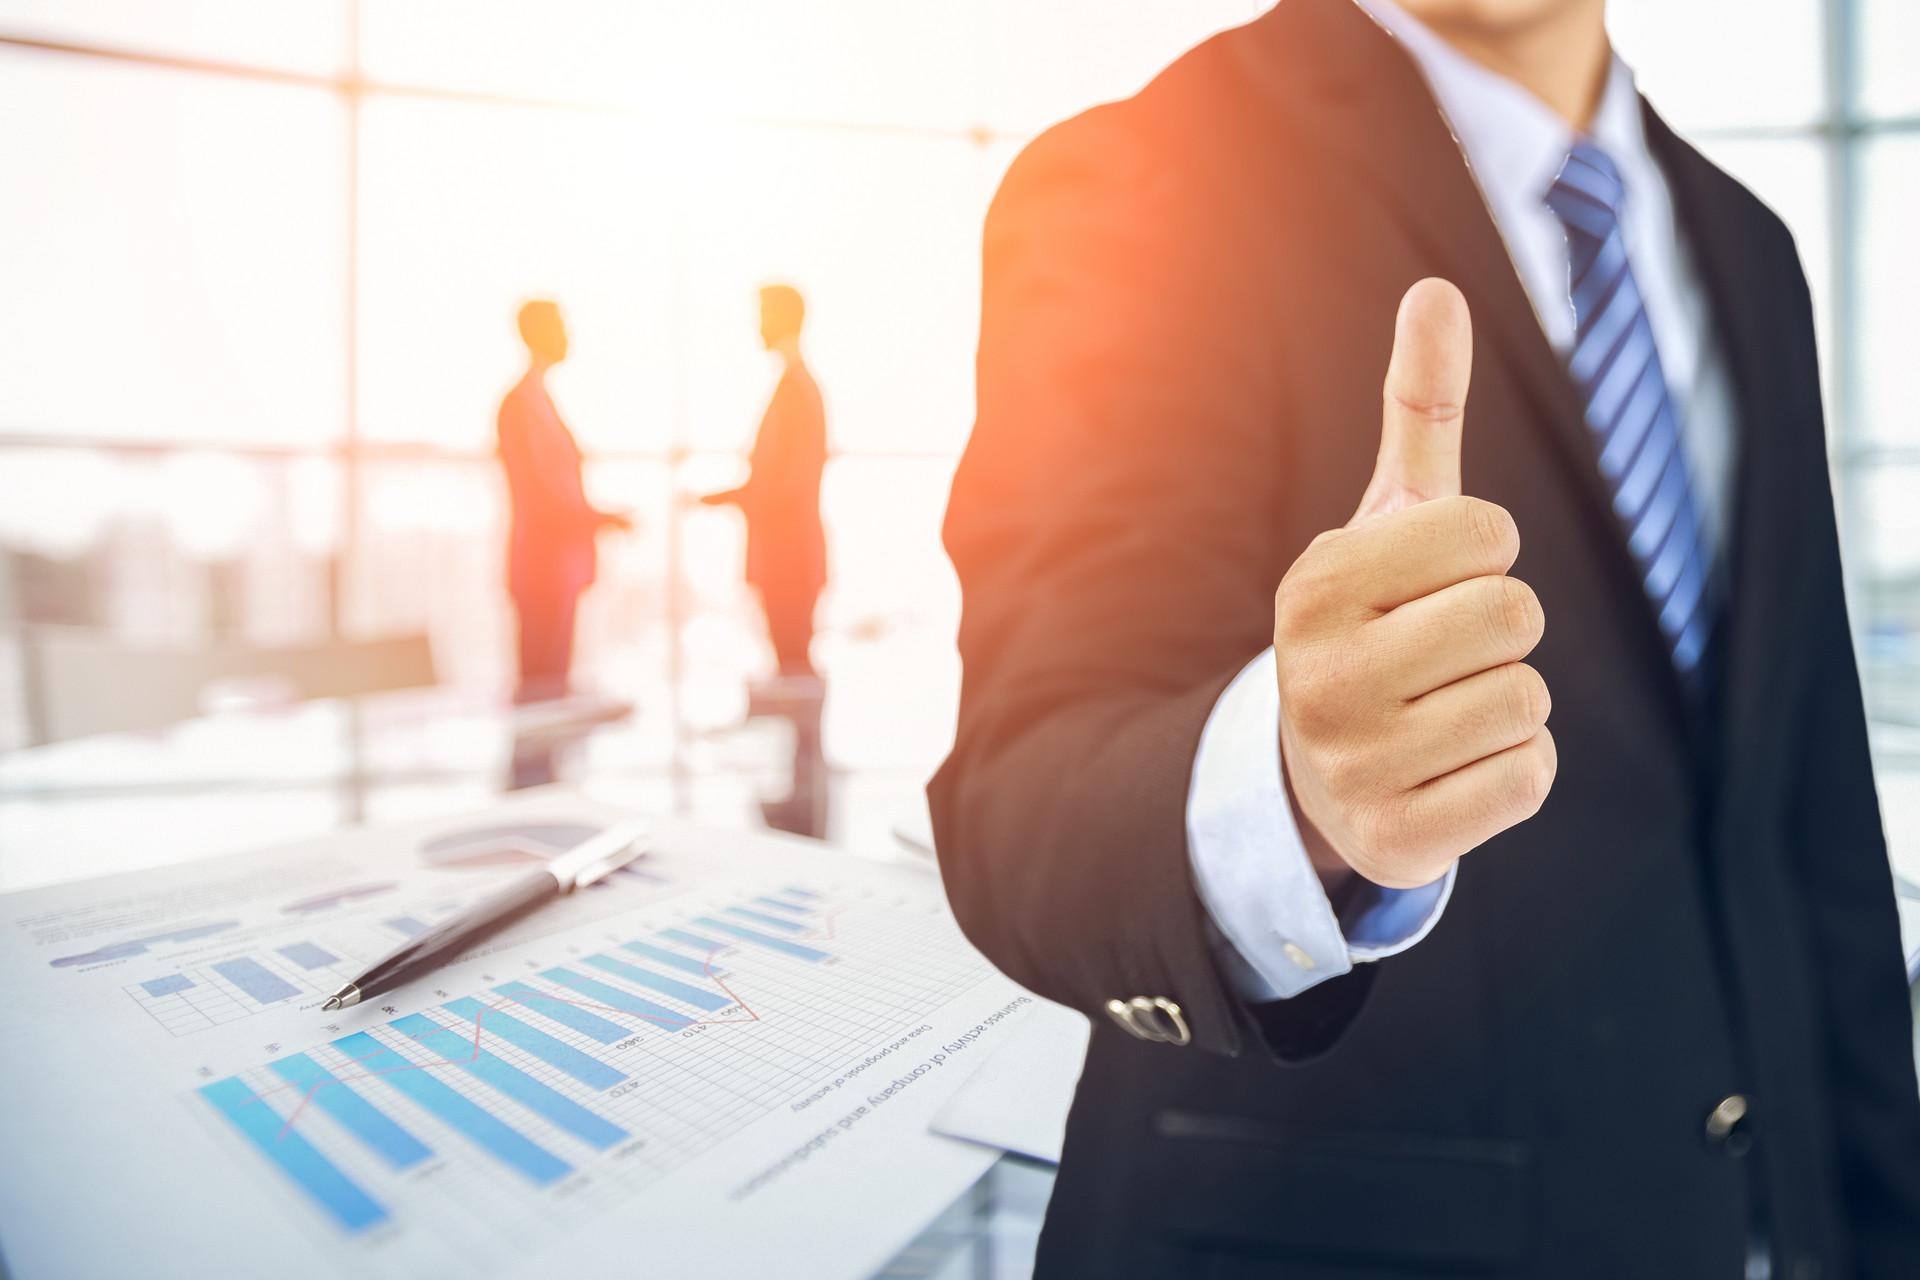 永春堂公司顺利通过ISO9001质量管理体系复审认证